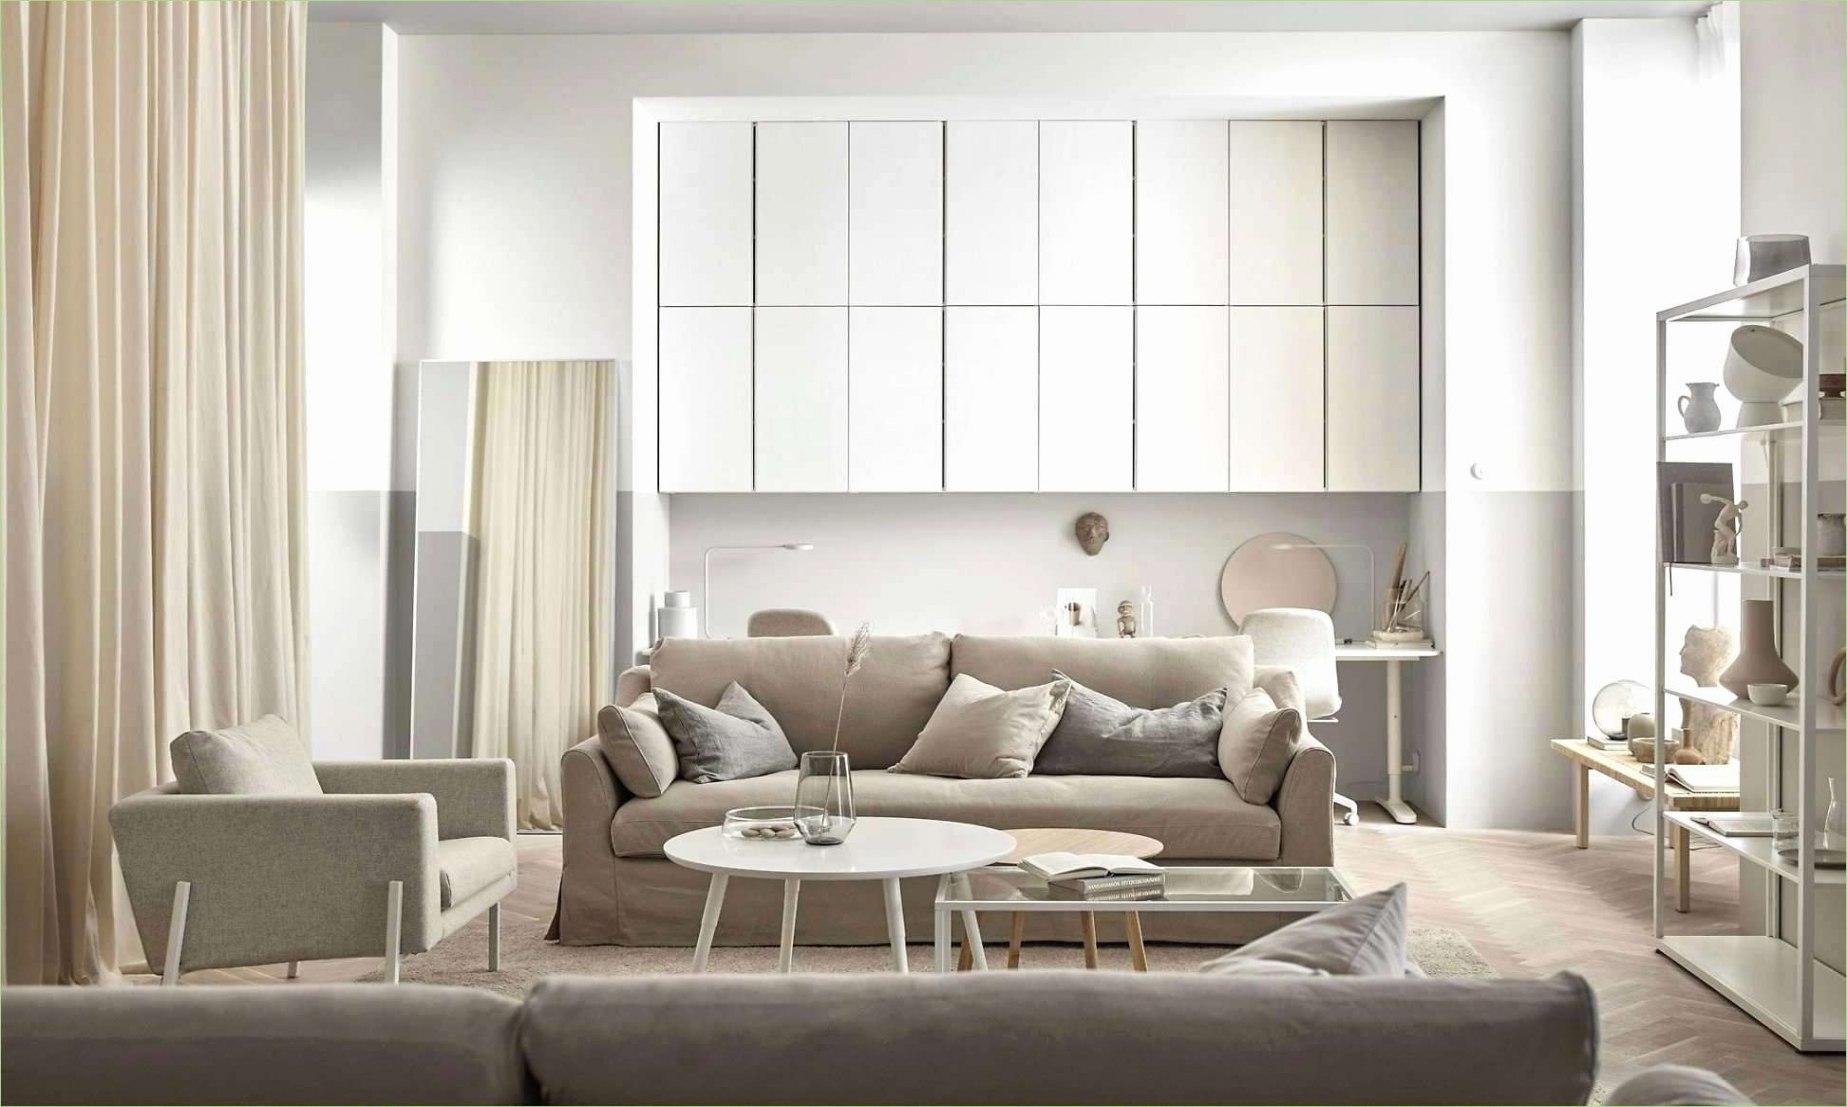 Full Size of Kleine Fenster Mit Gardinen Dekorieren Wohnzimmer Fenster Gardinen Ideen Wohnzimmer Vorhang Wohnzimmer